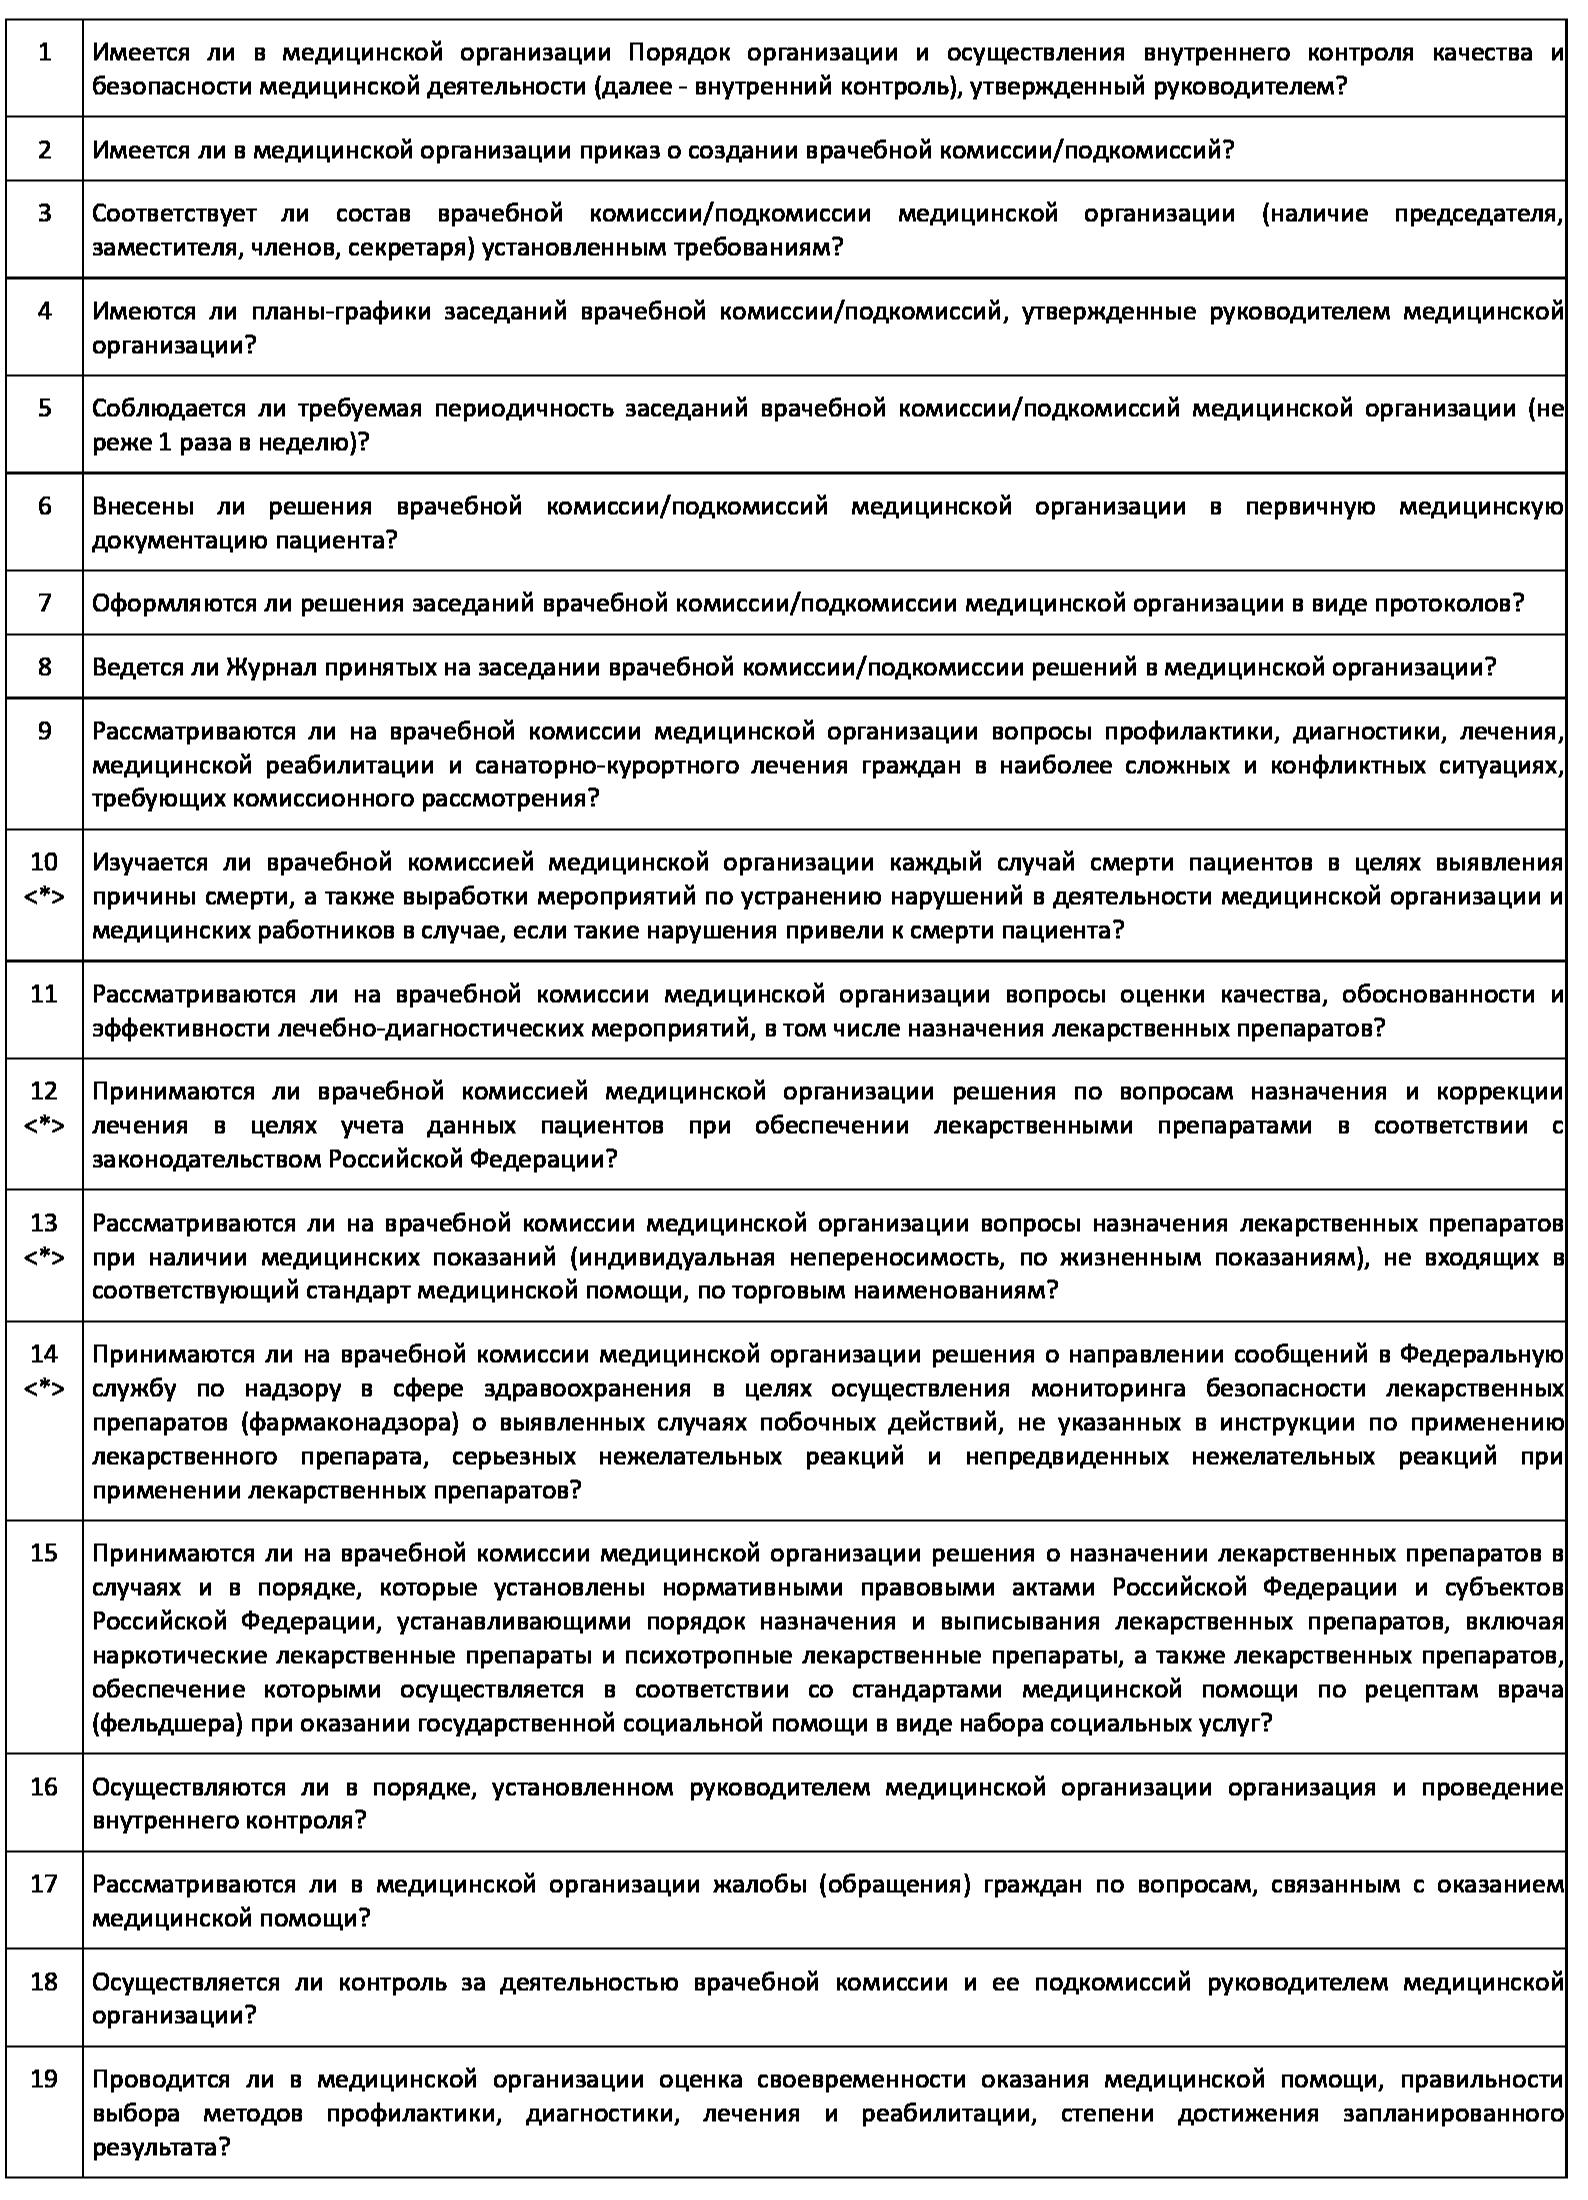 Вопросы чек-листа